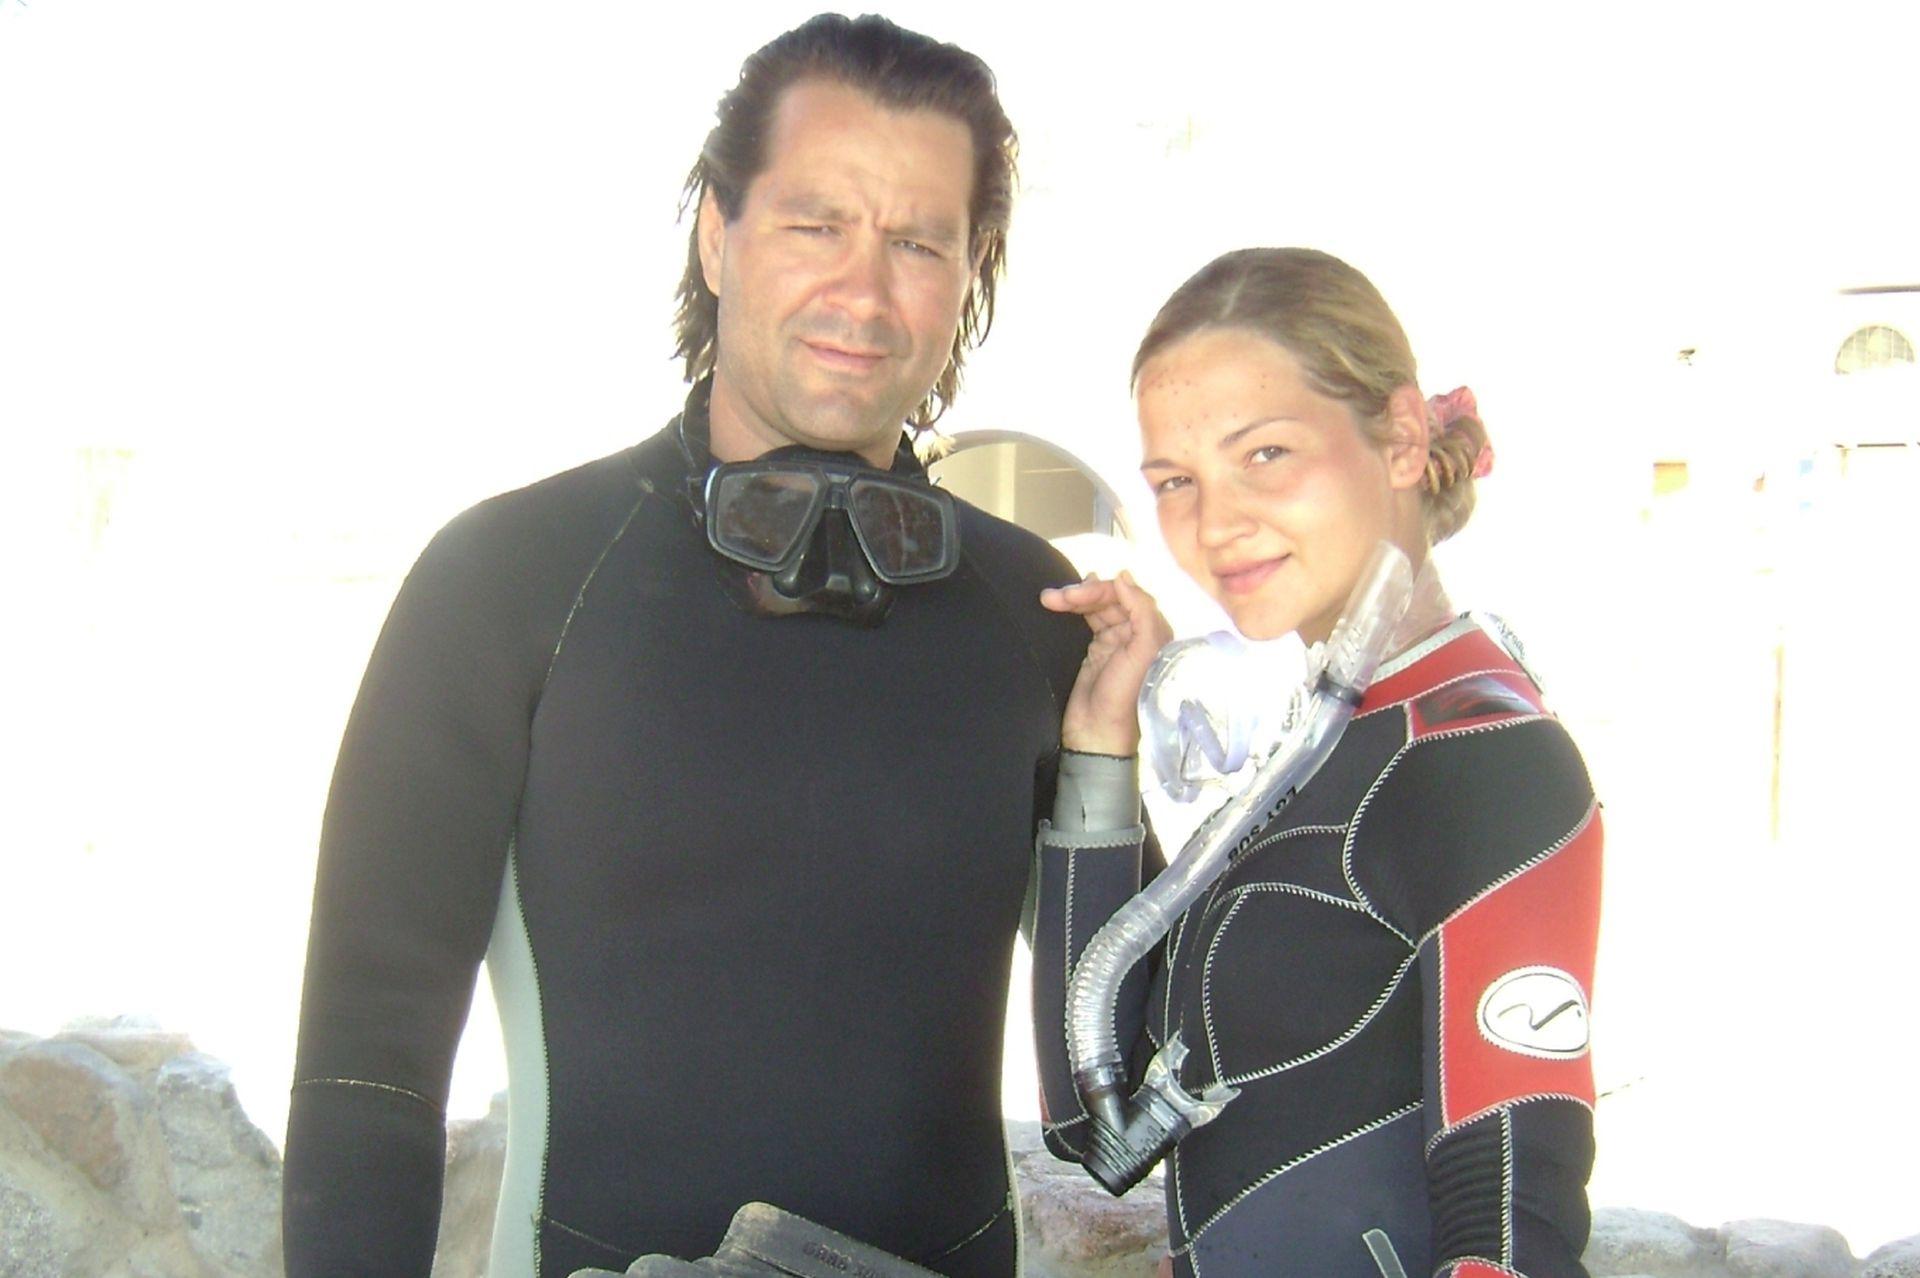 Ksenia y su marido son amantes del deporte y la aventura. Cuando se conocieron practicaron juntos freediving, y lograron bajar hasta 21 metros bajo el agua en apnea (sin tanque).